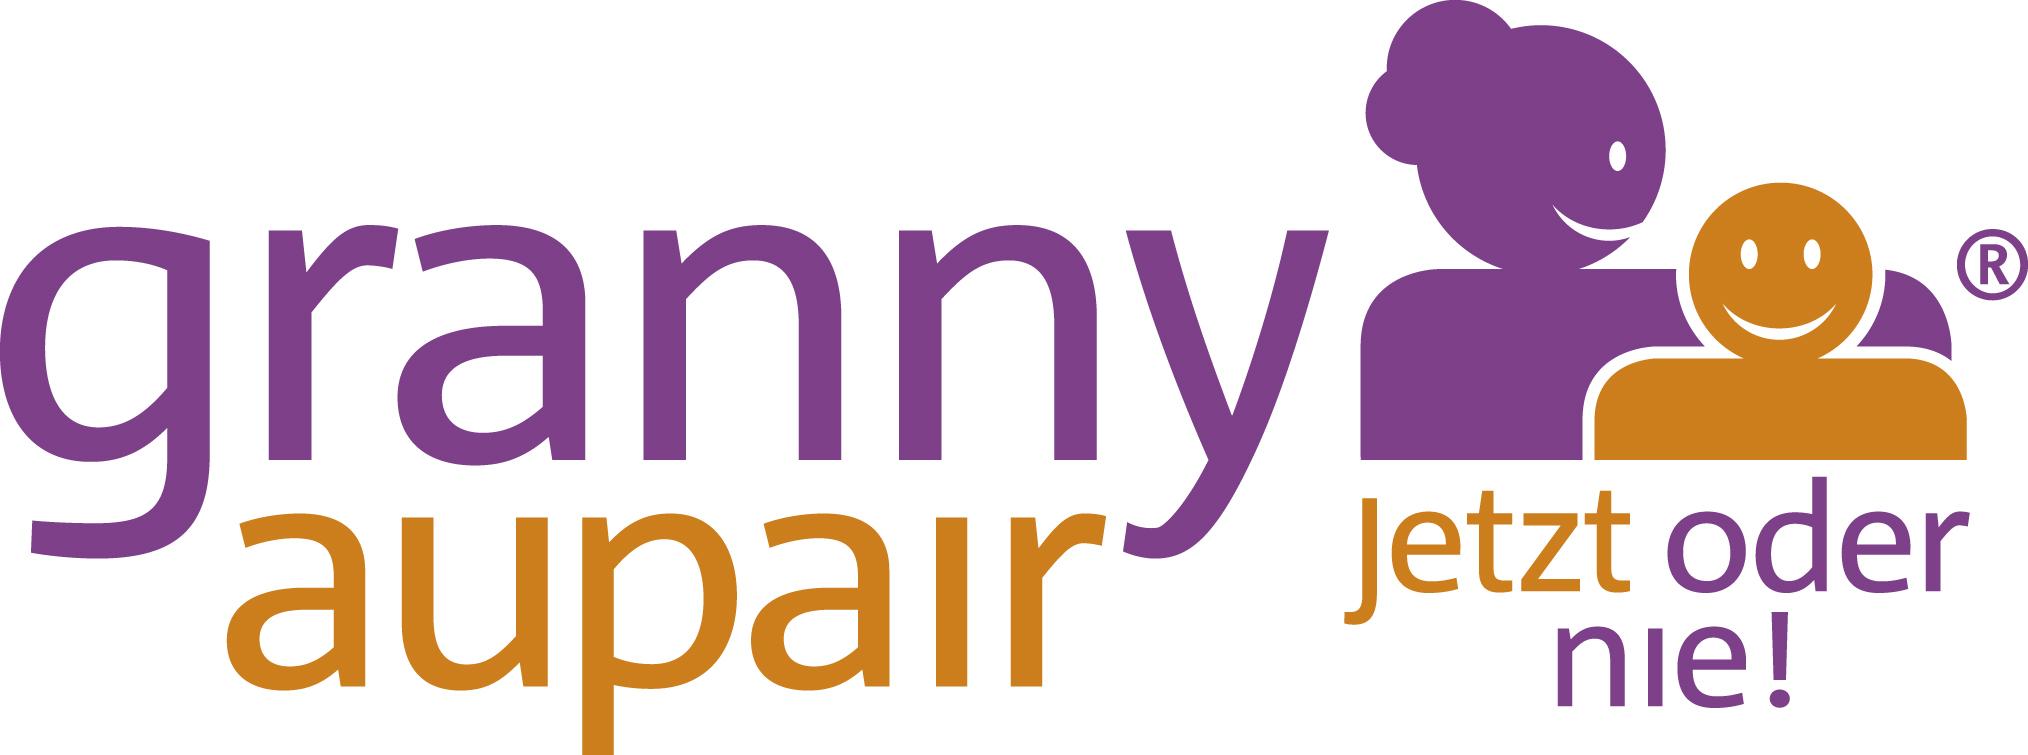 Granny aupair - Logo